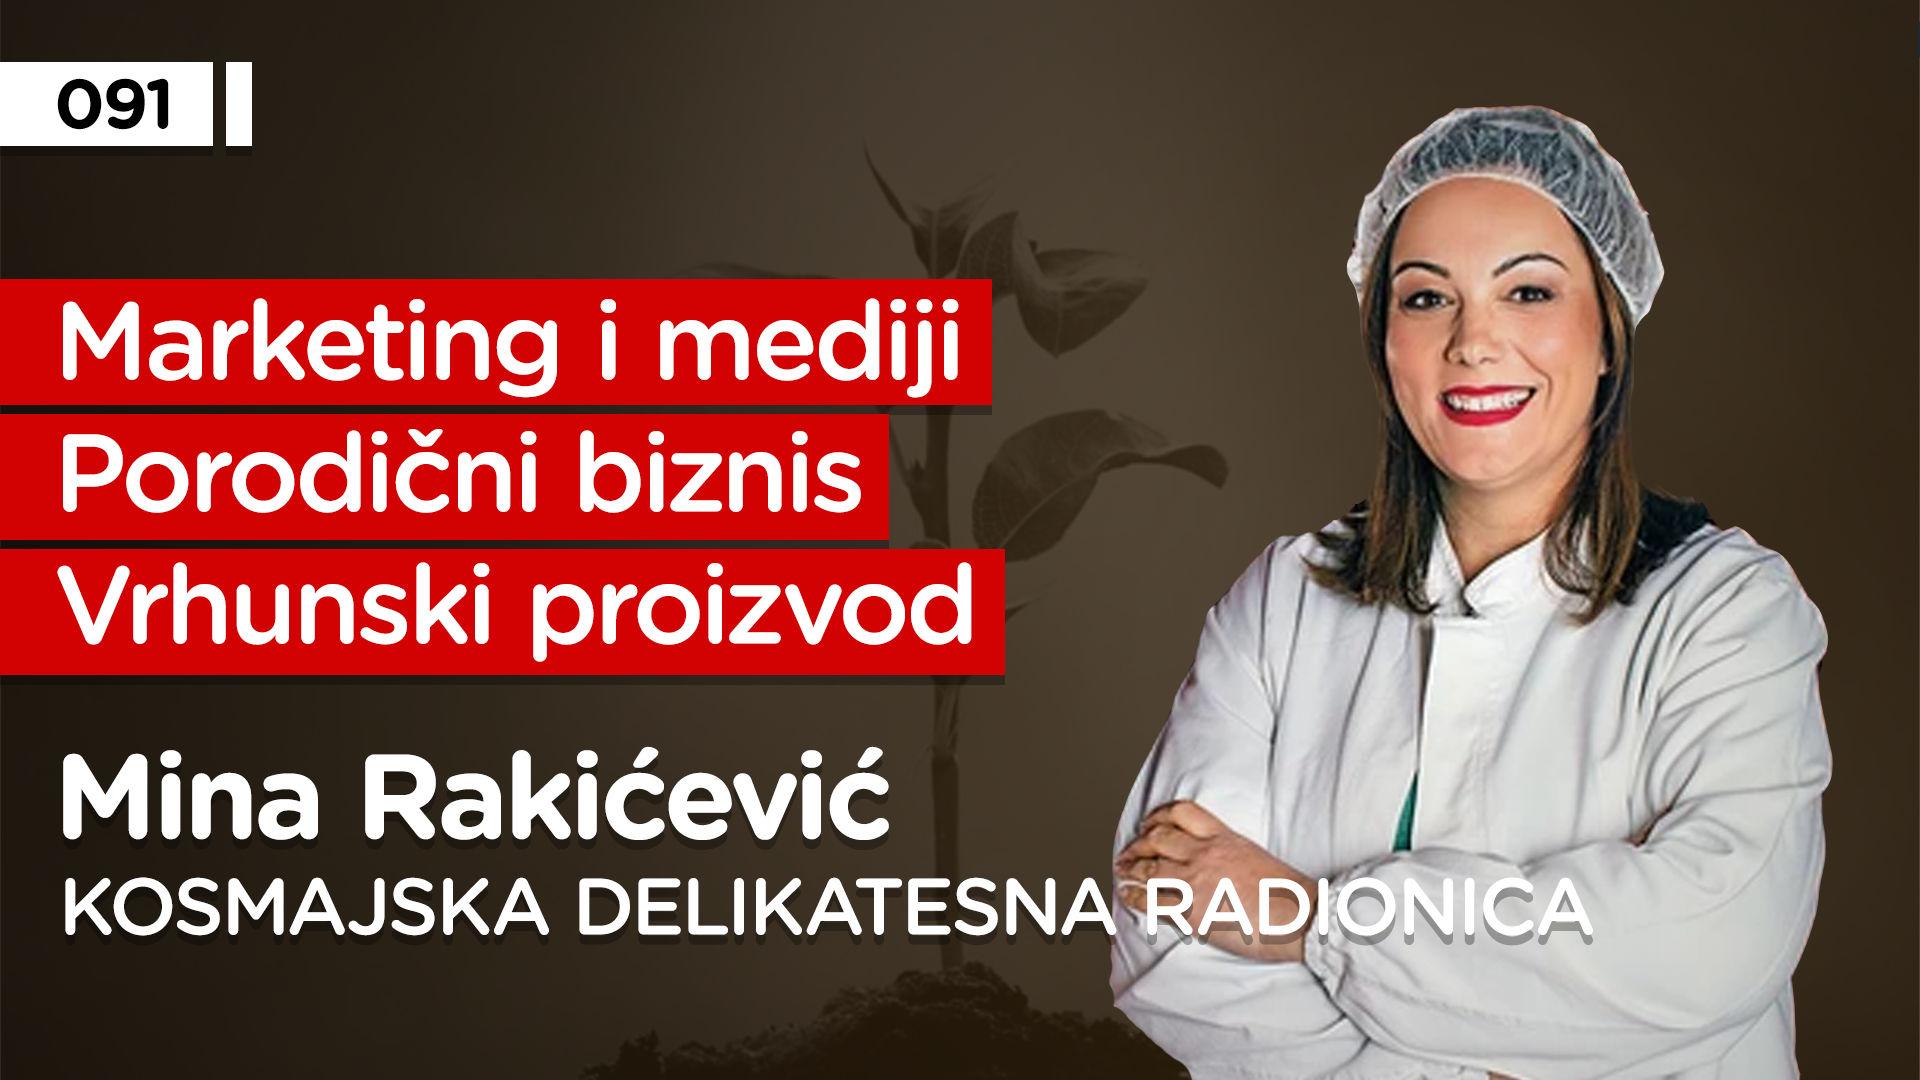 EP091: Mina Rakićević